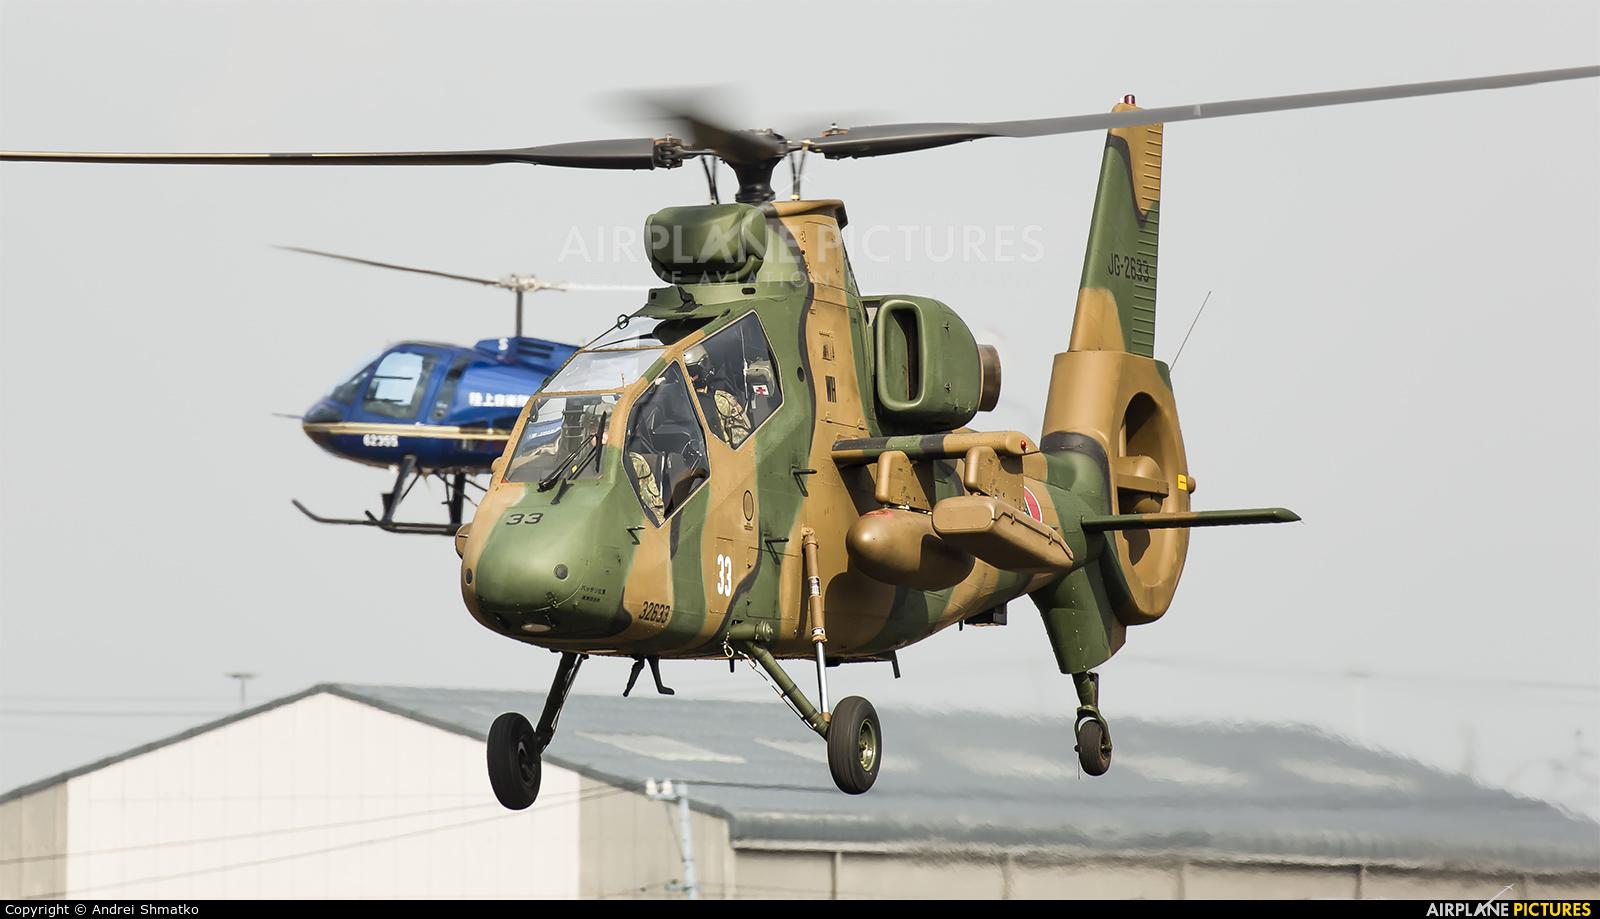 Japan - Ground Self Defense Force 32633 aircraft at Akeno Air Field